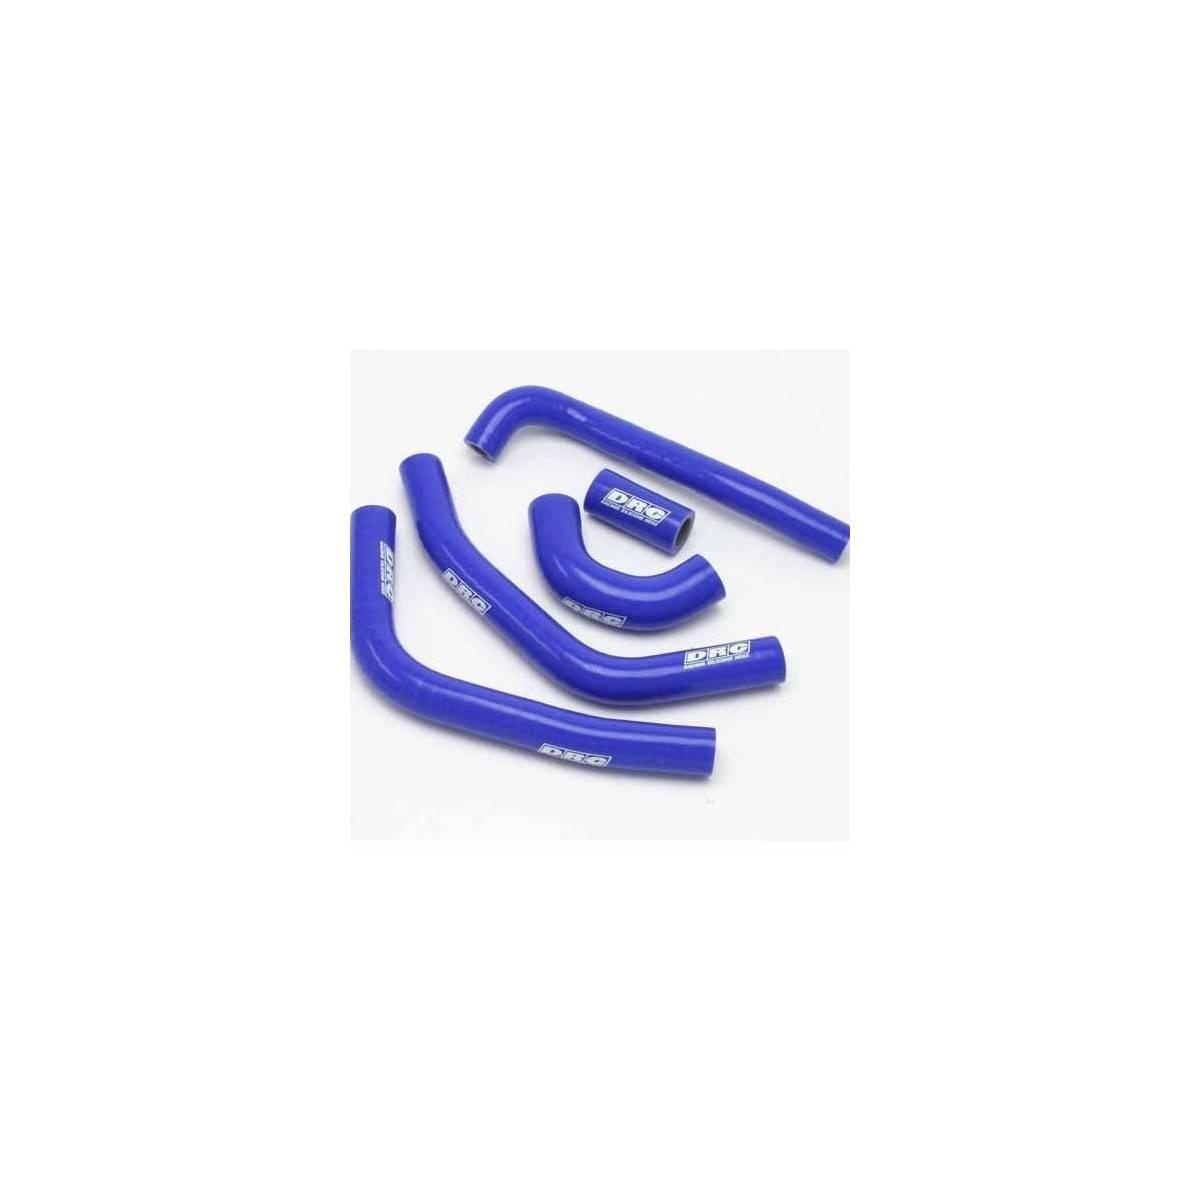 D47.01.202 - Kit Manguitos Radiador Kawa Kx65 ´01 Azul